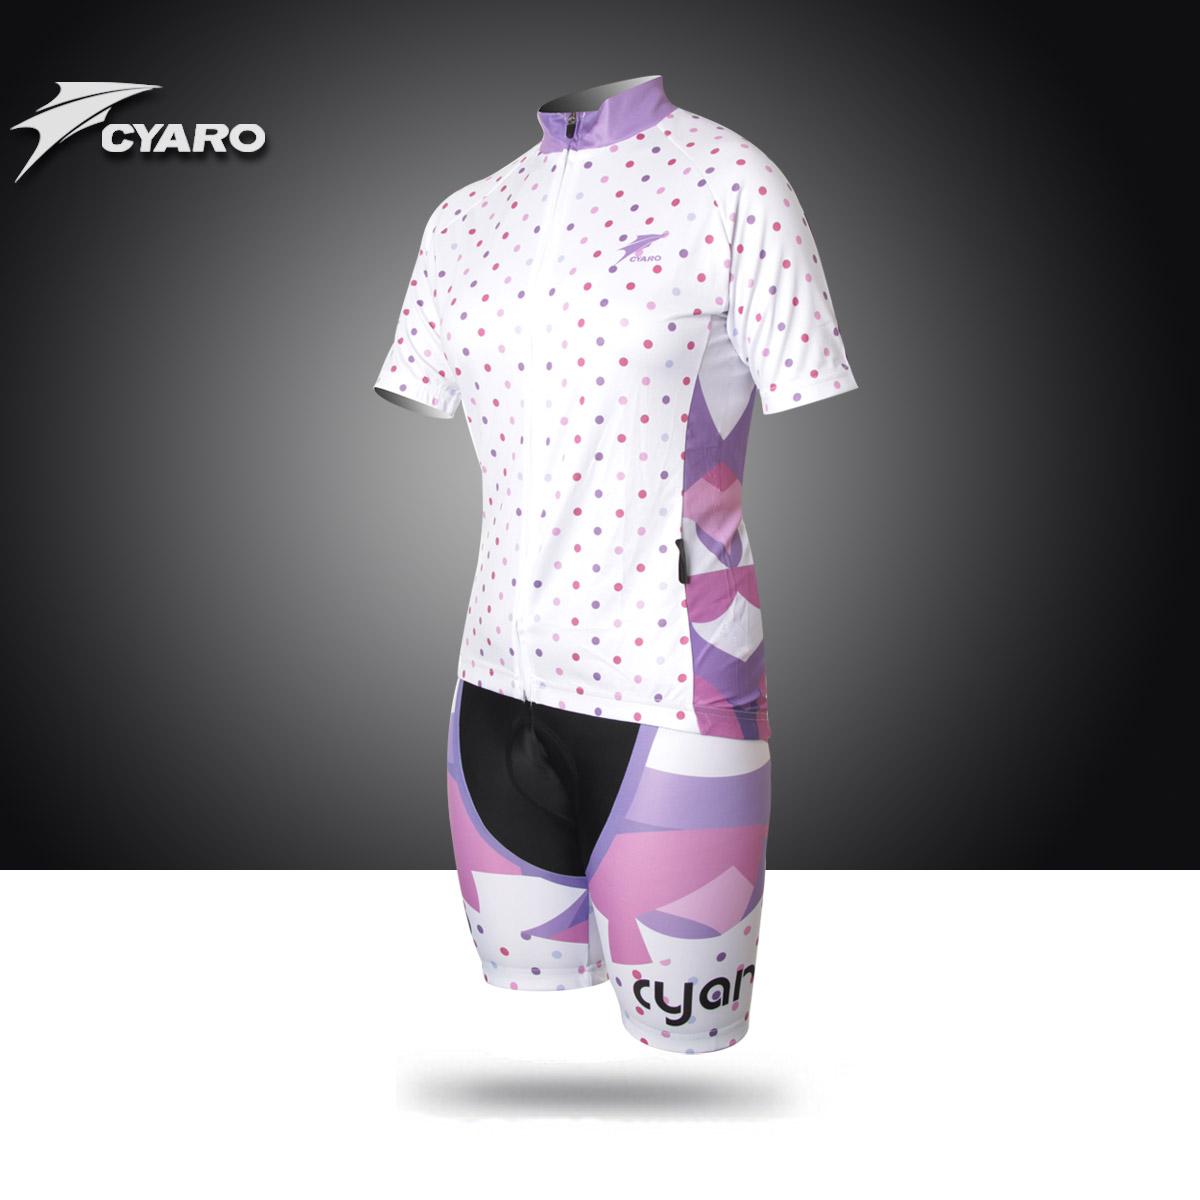 正品CYARO 樱花女 骑行服 短袖套装 夏 单车服 自行车服 上衣短裤